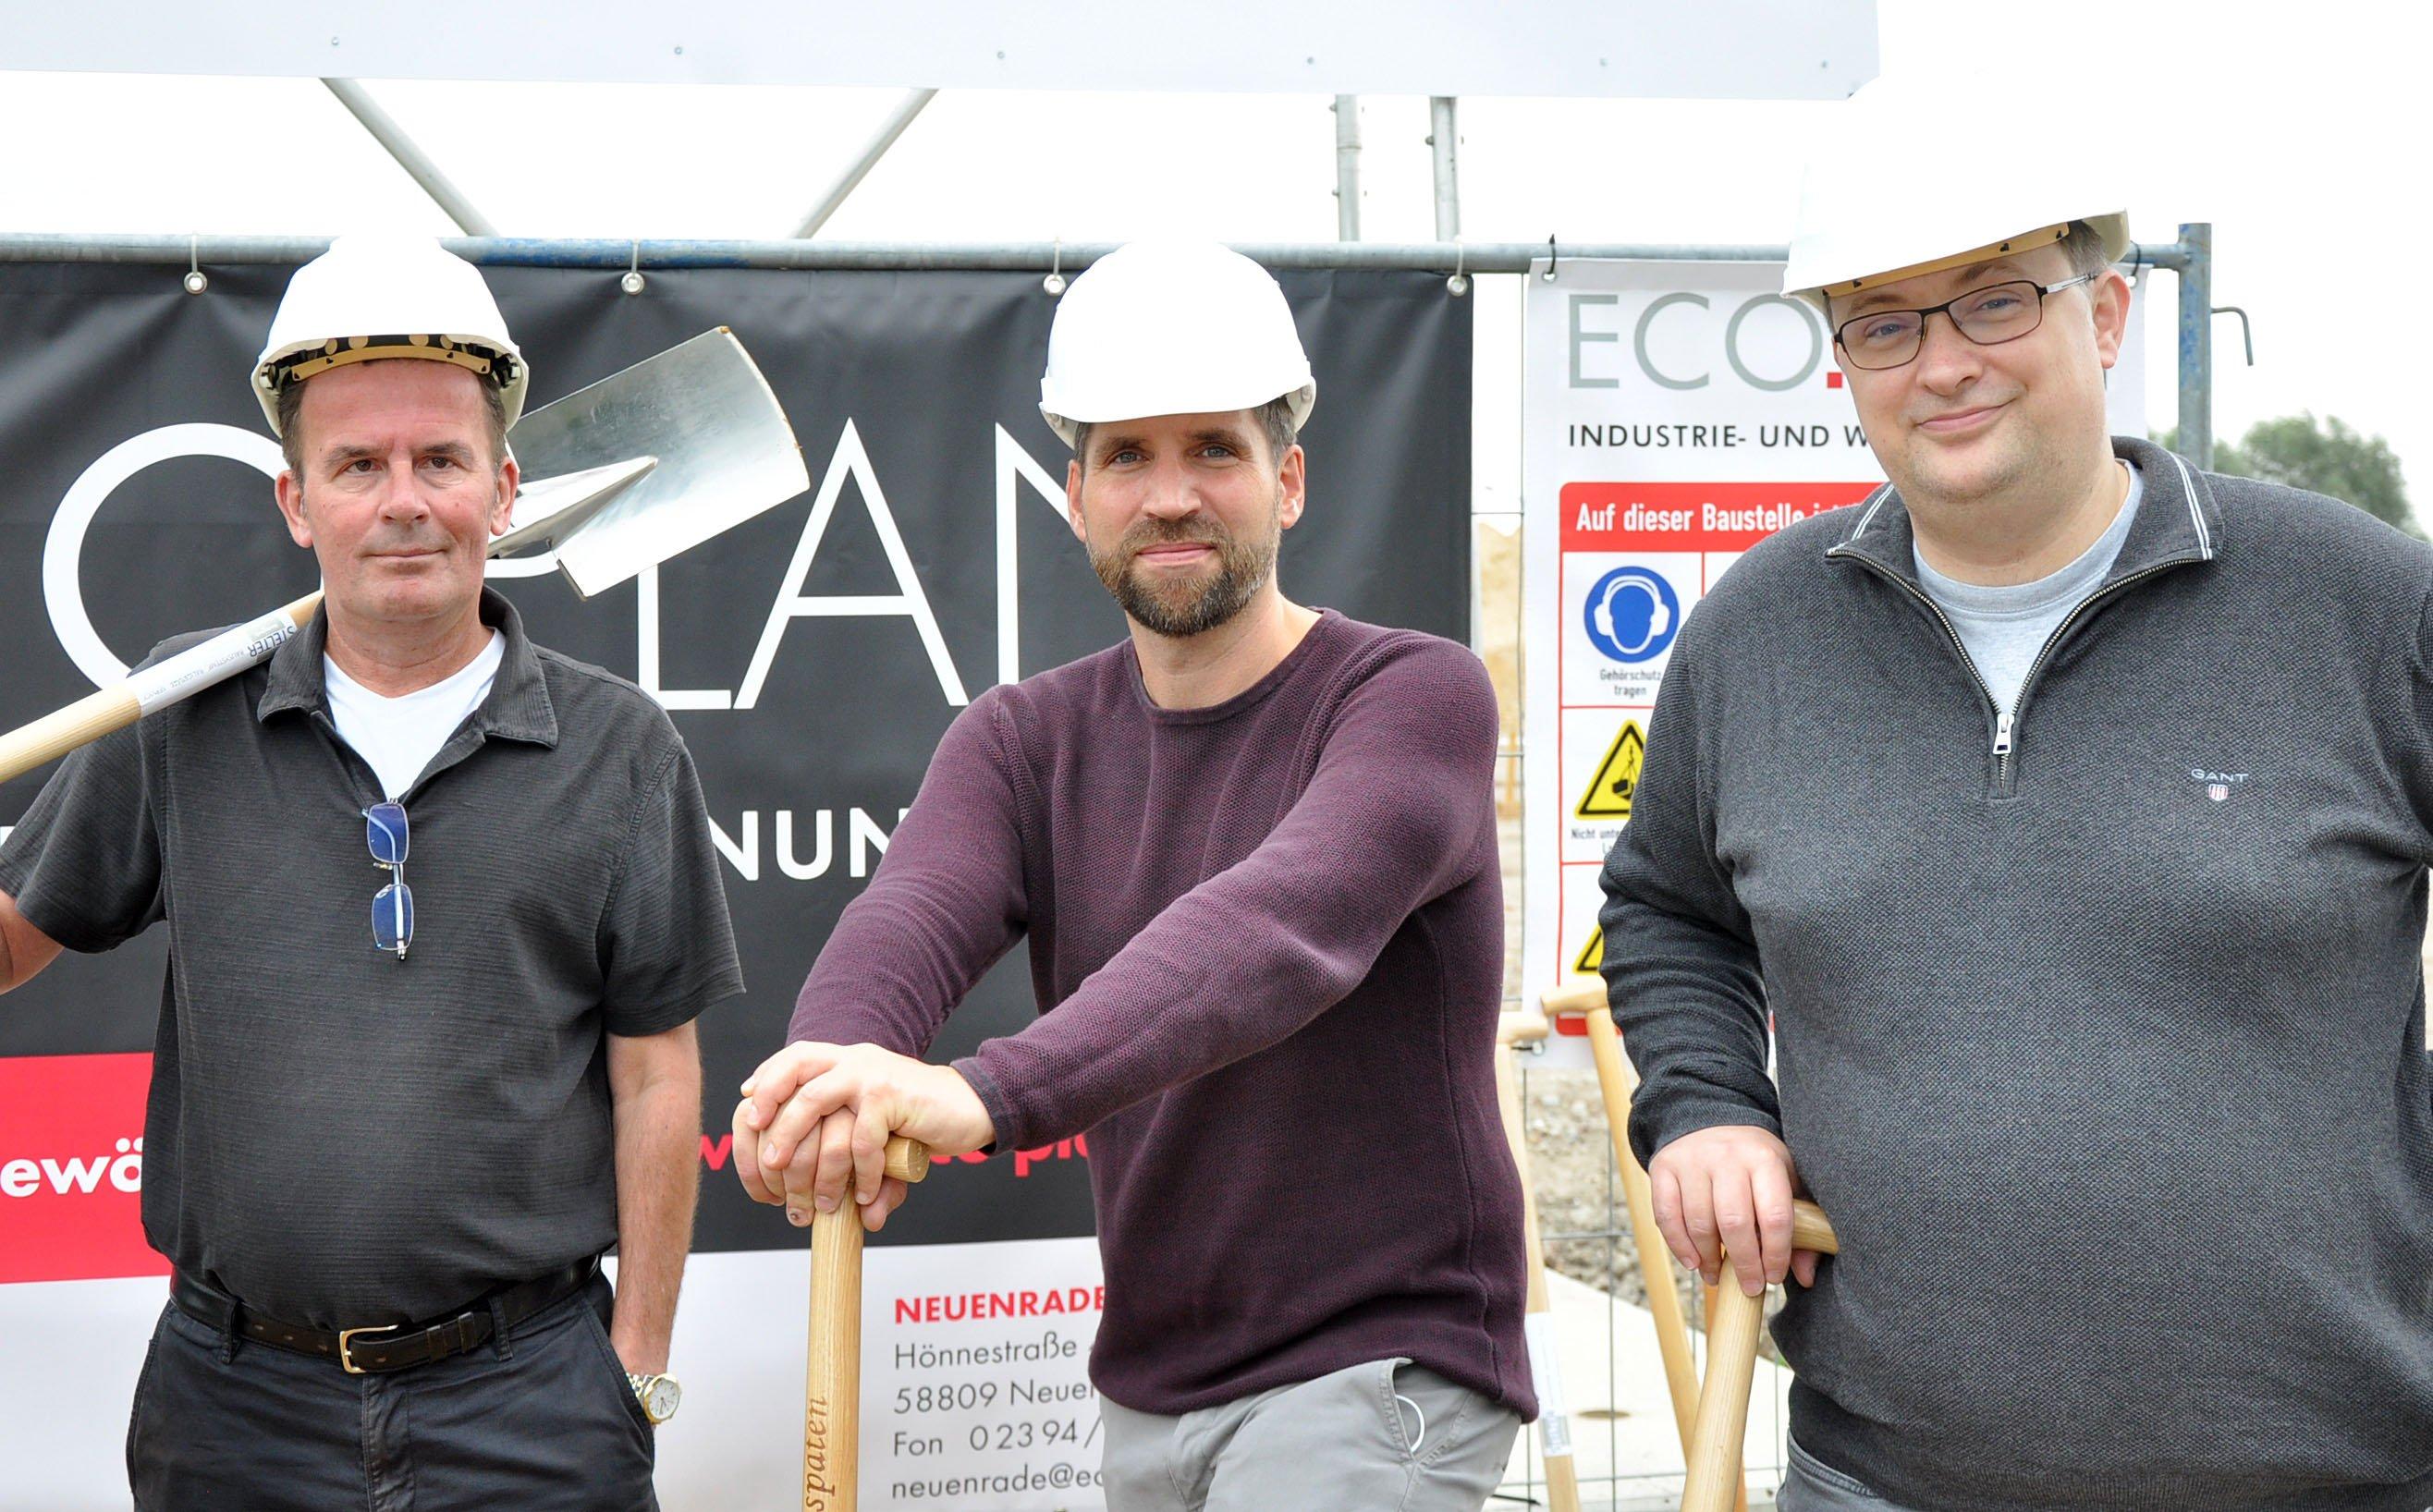 Die Geschäftsführer Axel Barich (2.v.l.), Simon Brüne (2.v.r.) und Claus Peter Blunck (r.) und Dieter Schewetzky (l.) von der WMF (Foto: WMF/ Martin Rühle